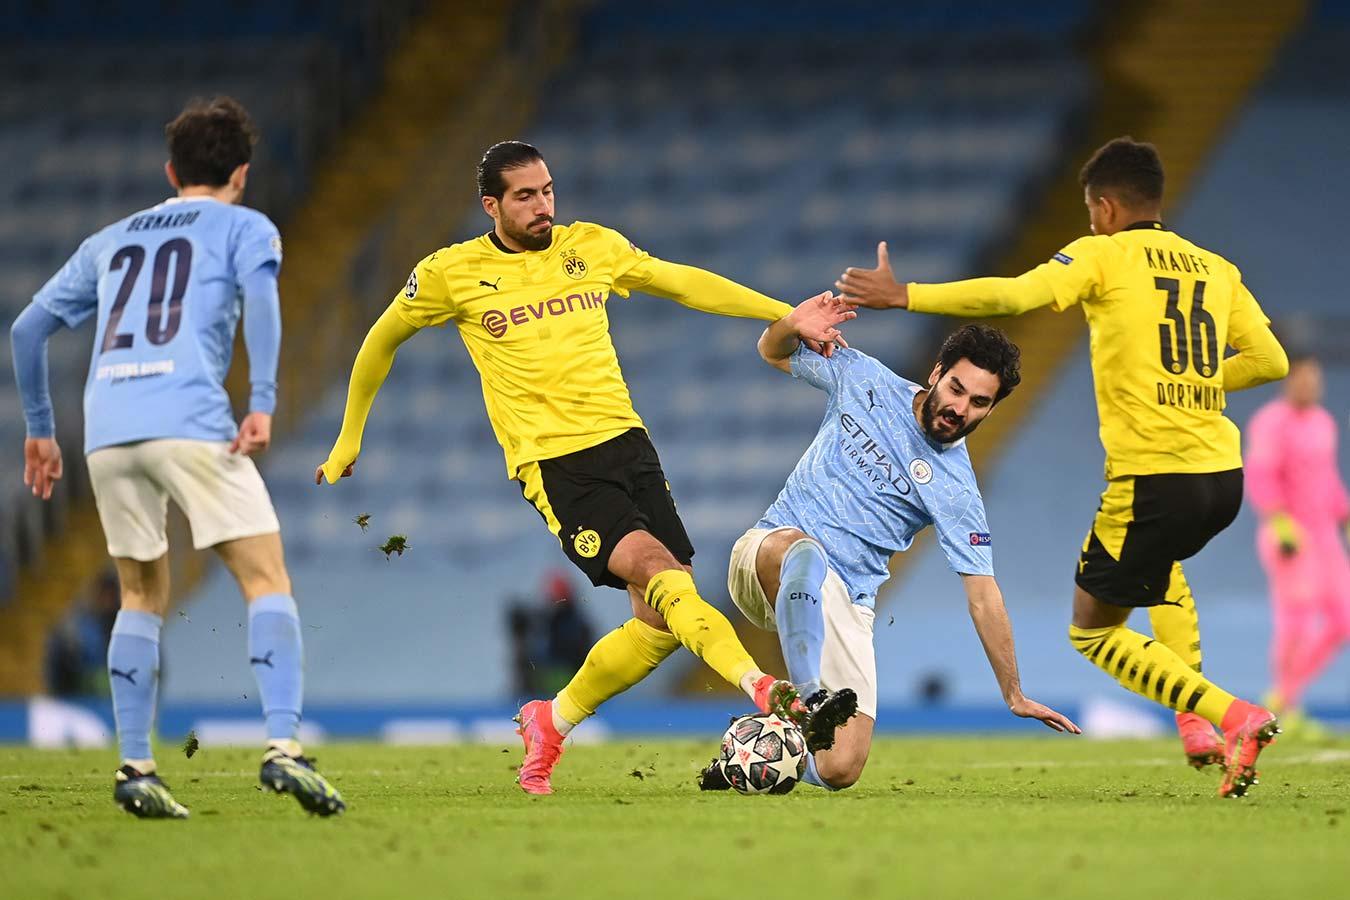 «Манчестер Сити» одолел дортмундскую «Боруссию» в первом матче 1/4 финала Лиги чемпионов